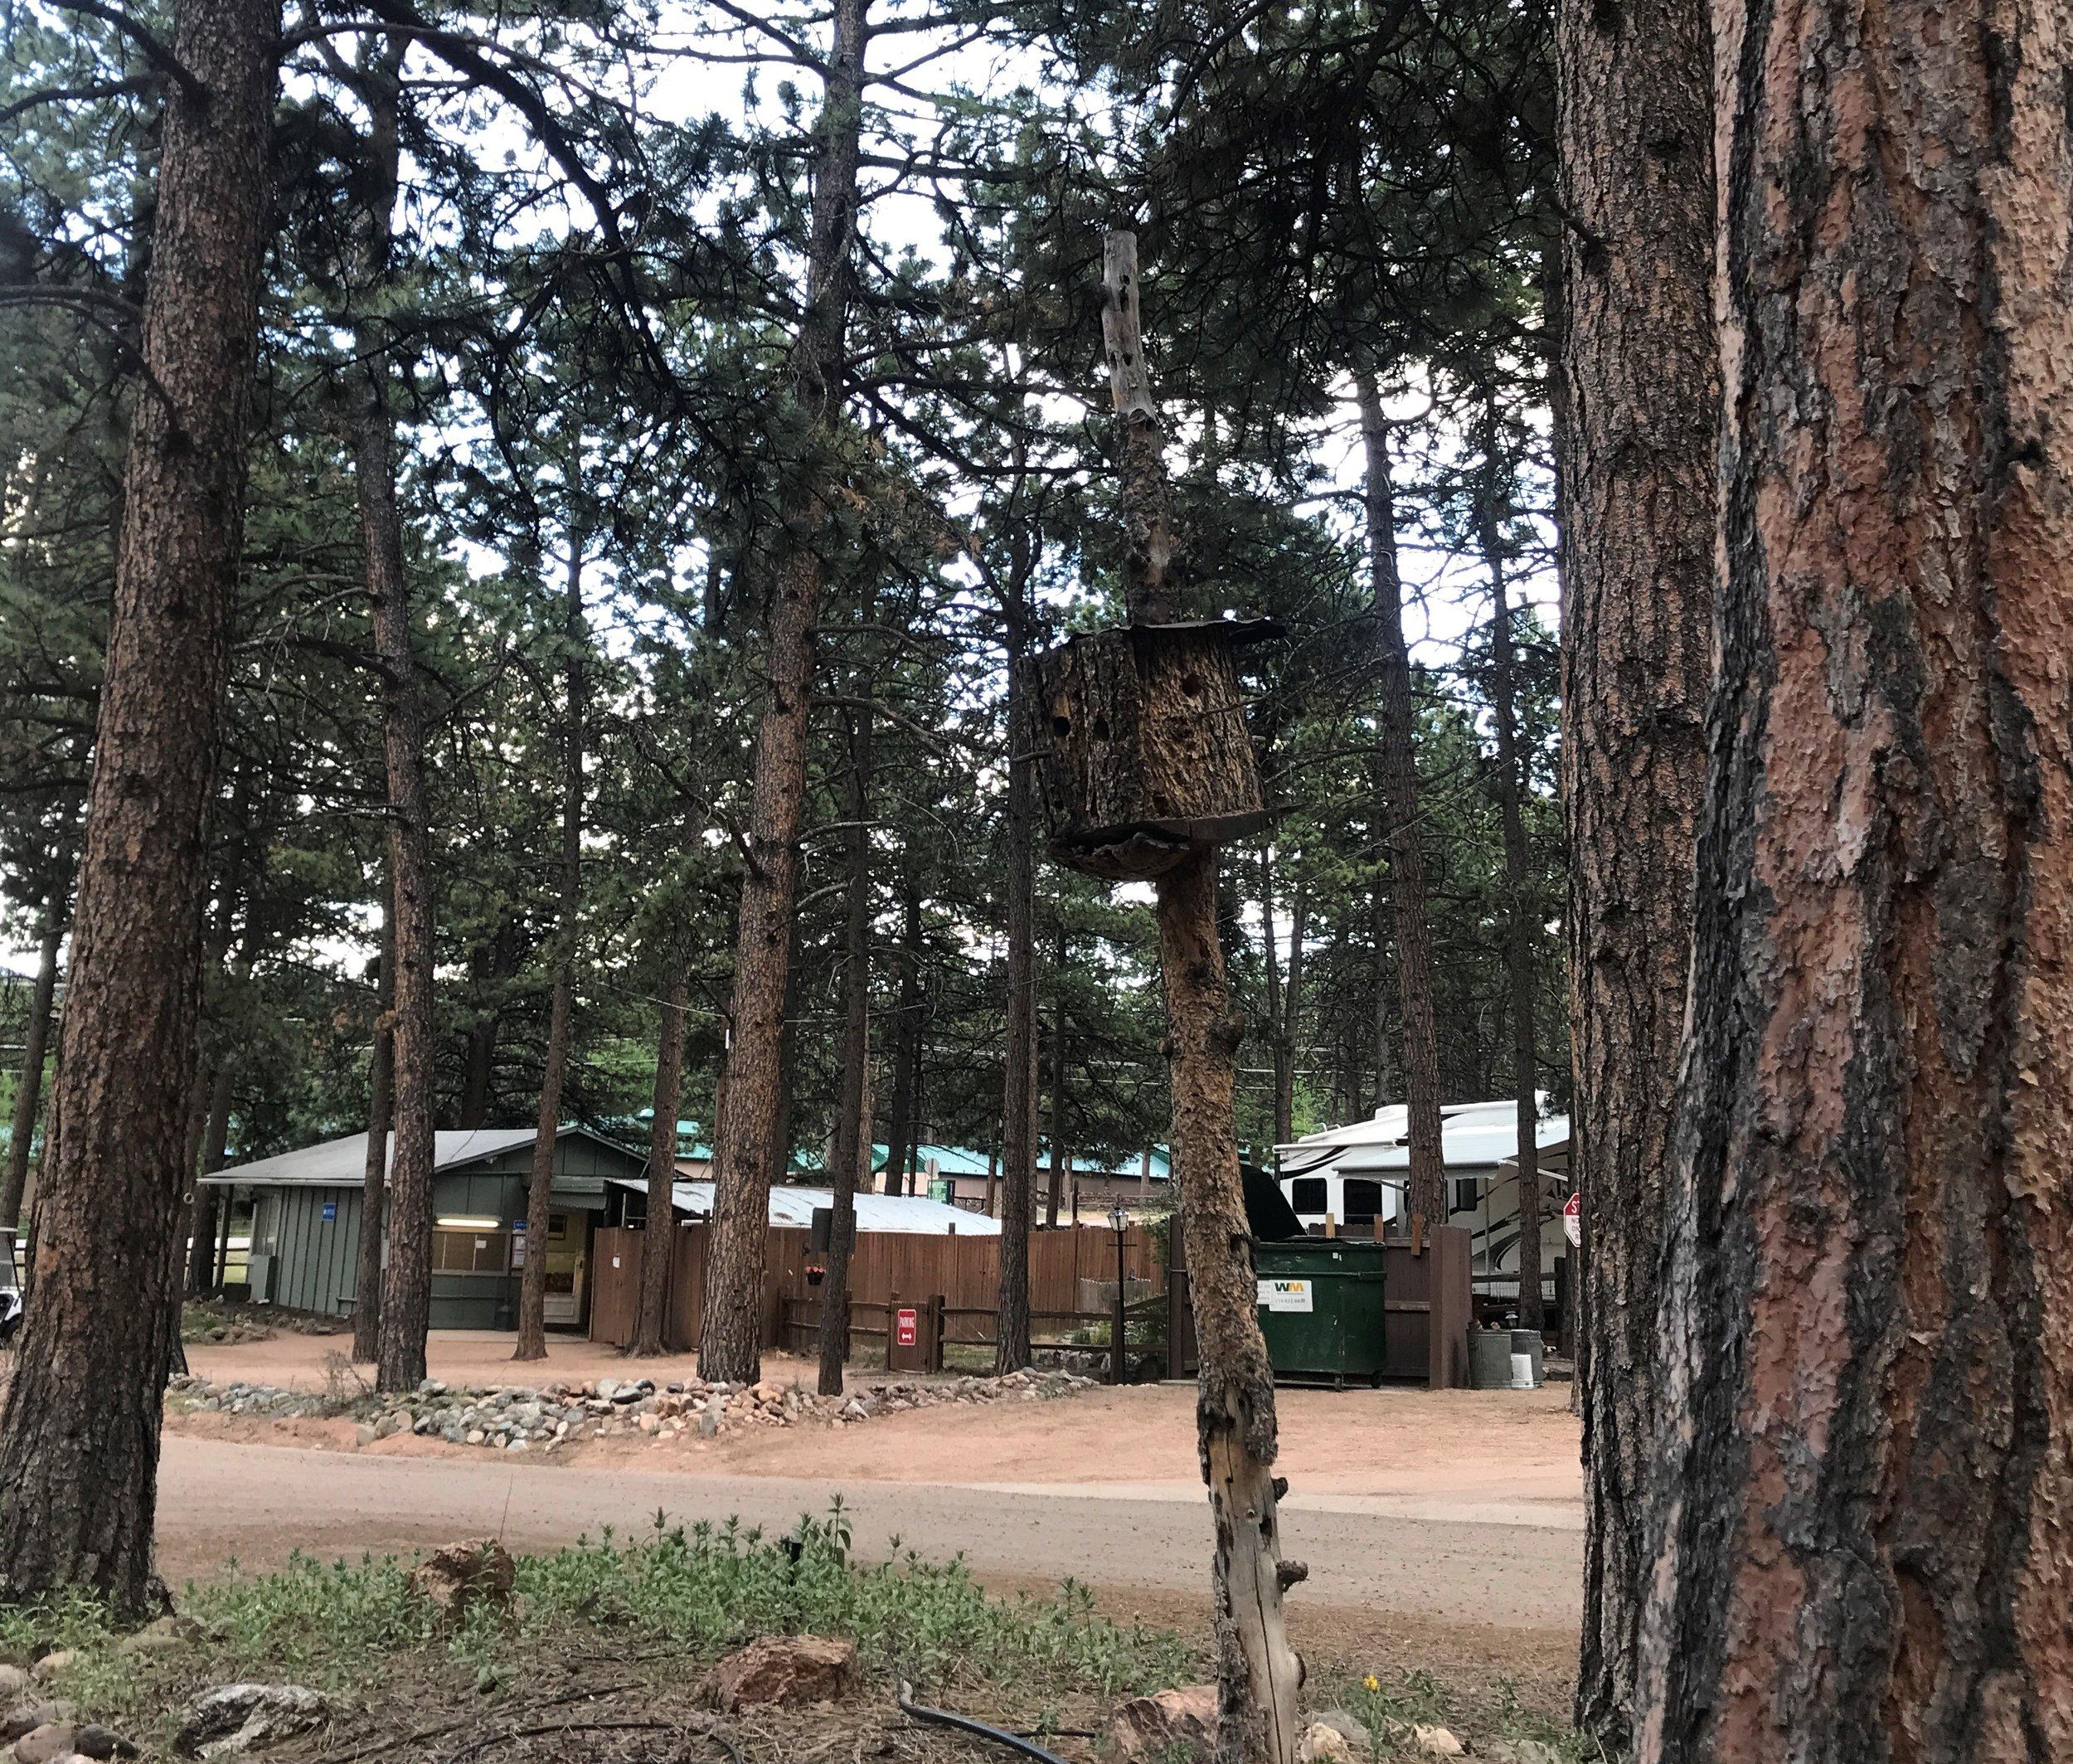 Bird house at the RV park